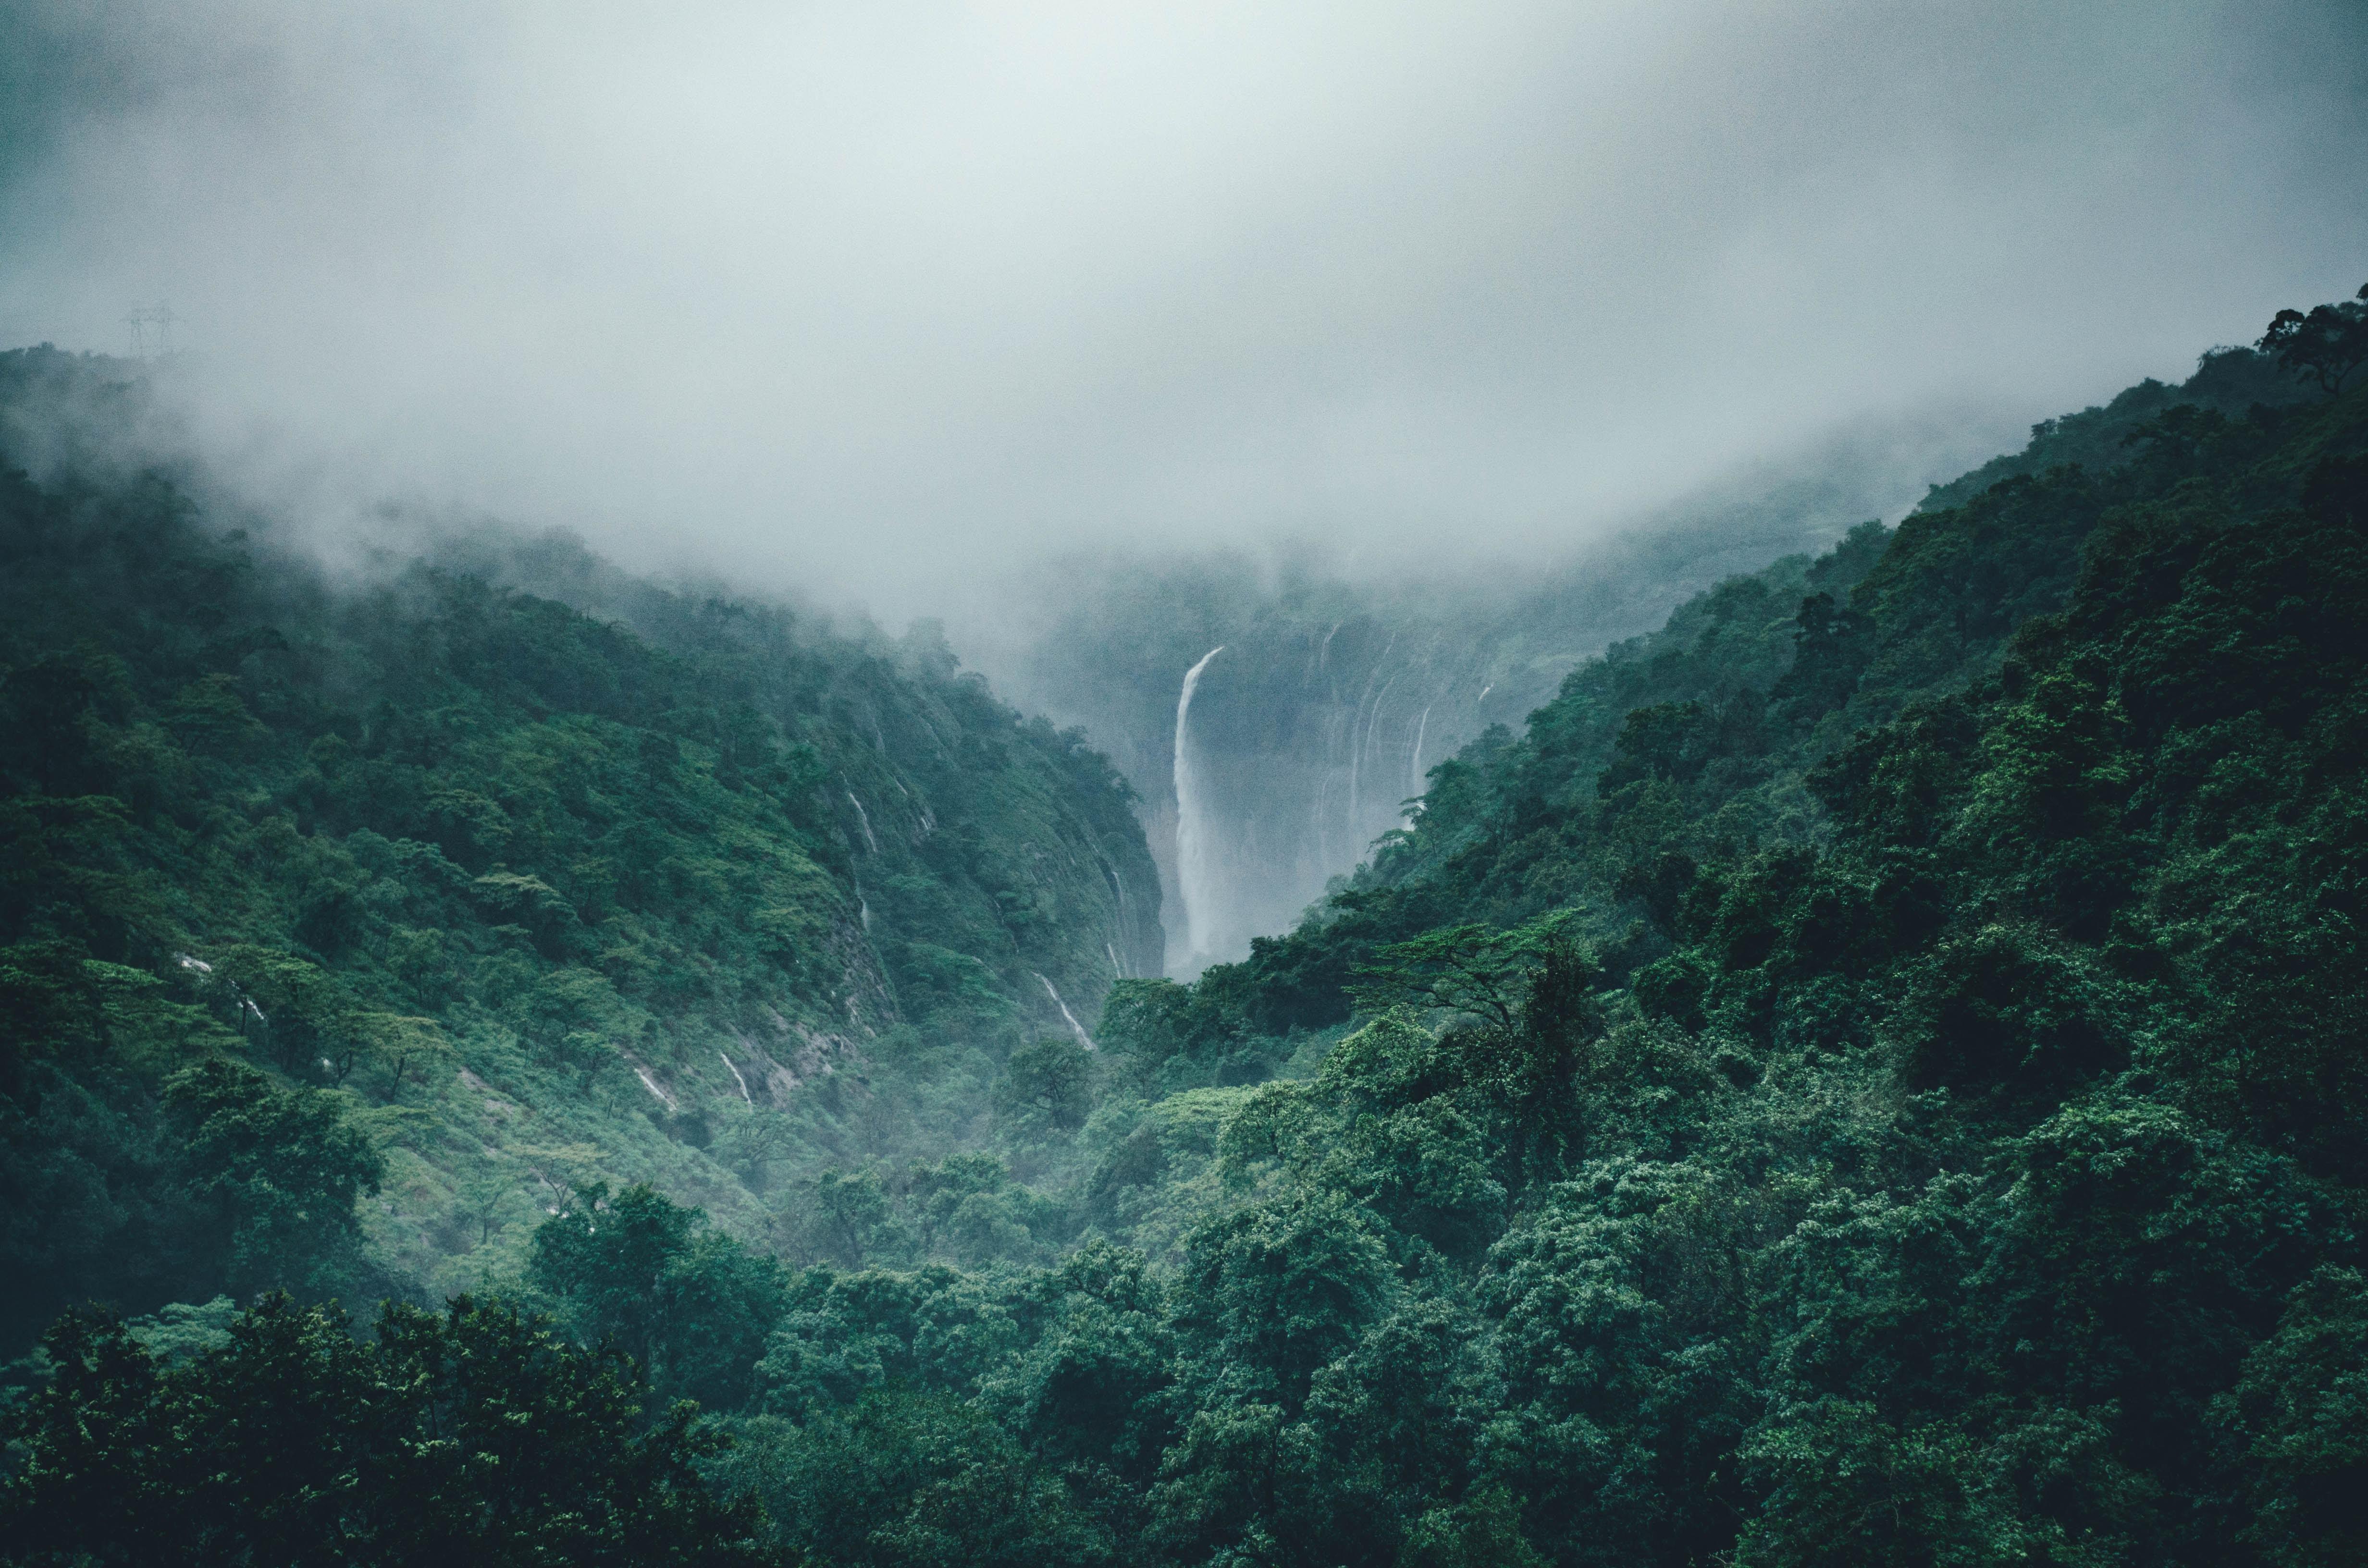 Giv et stykke regnskov og gør en forskel